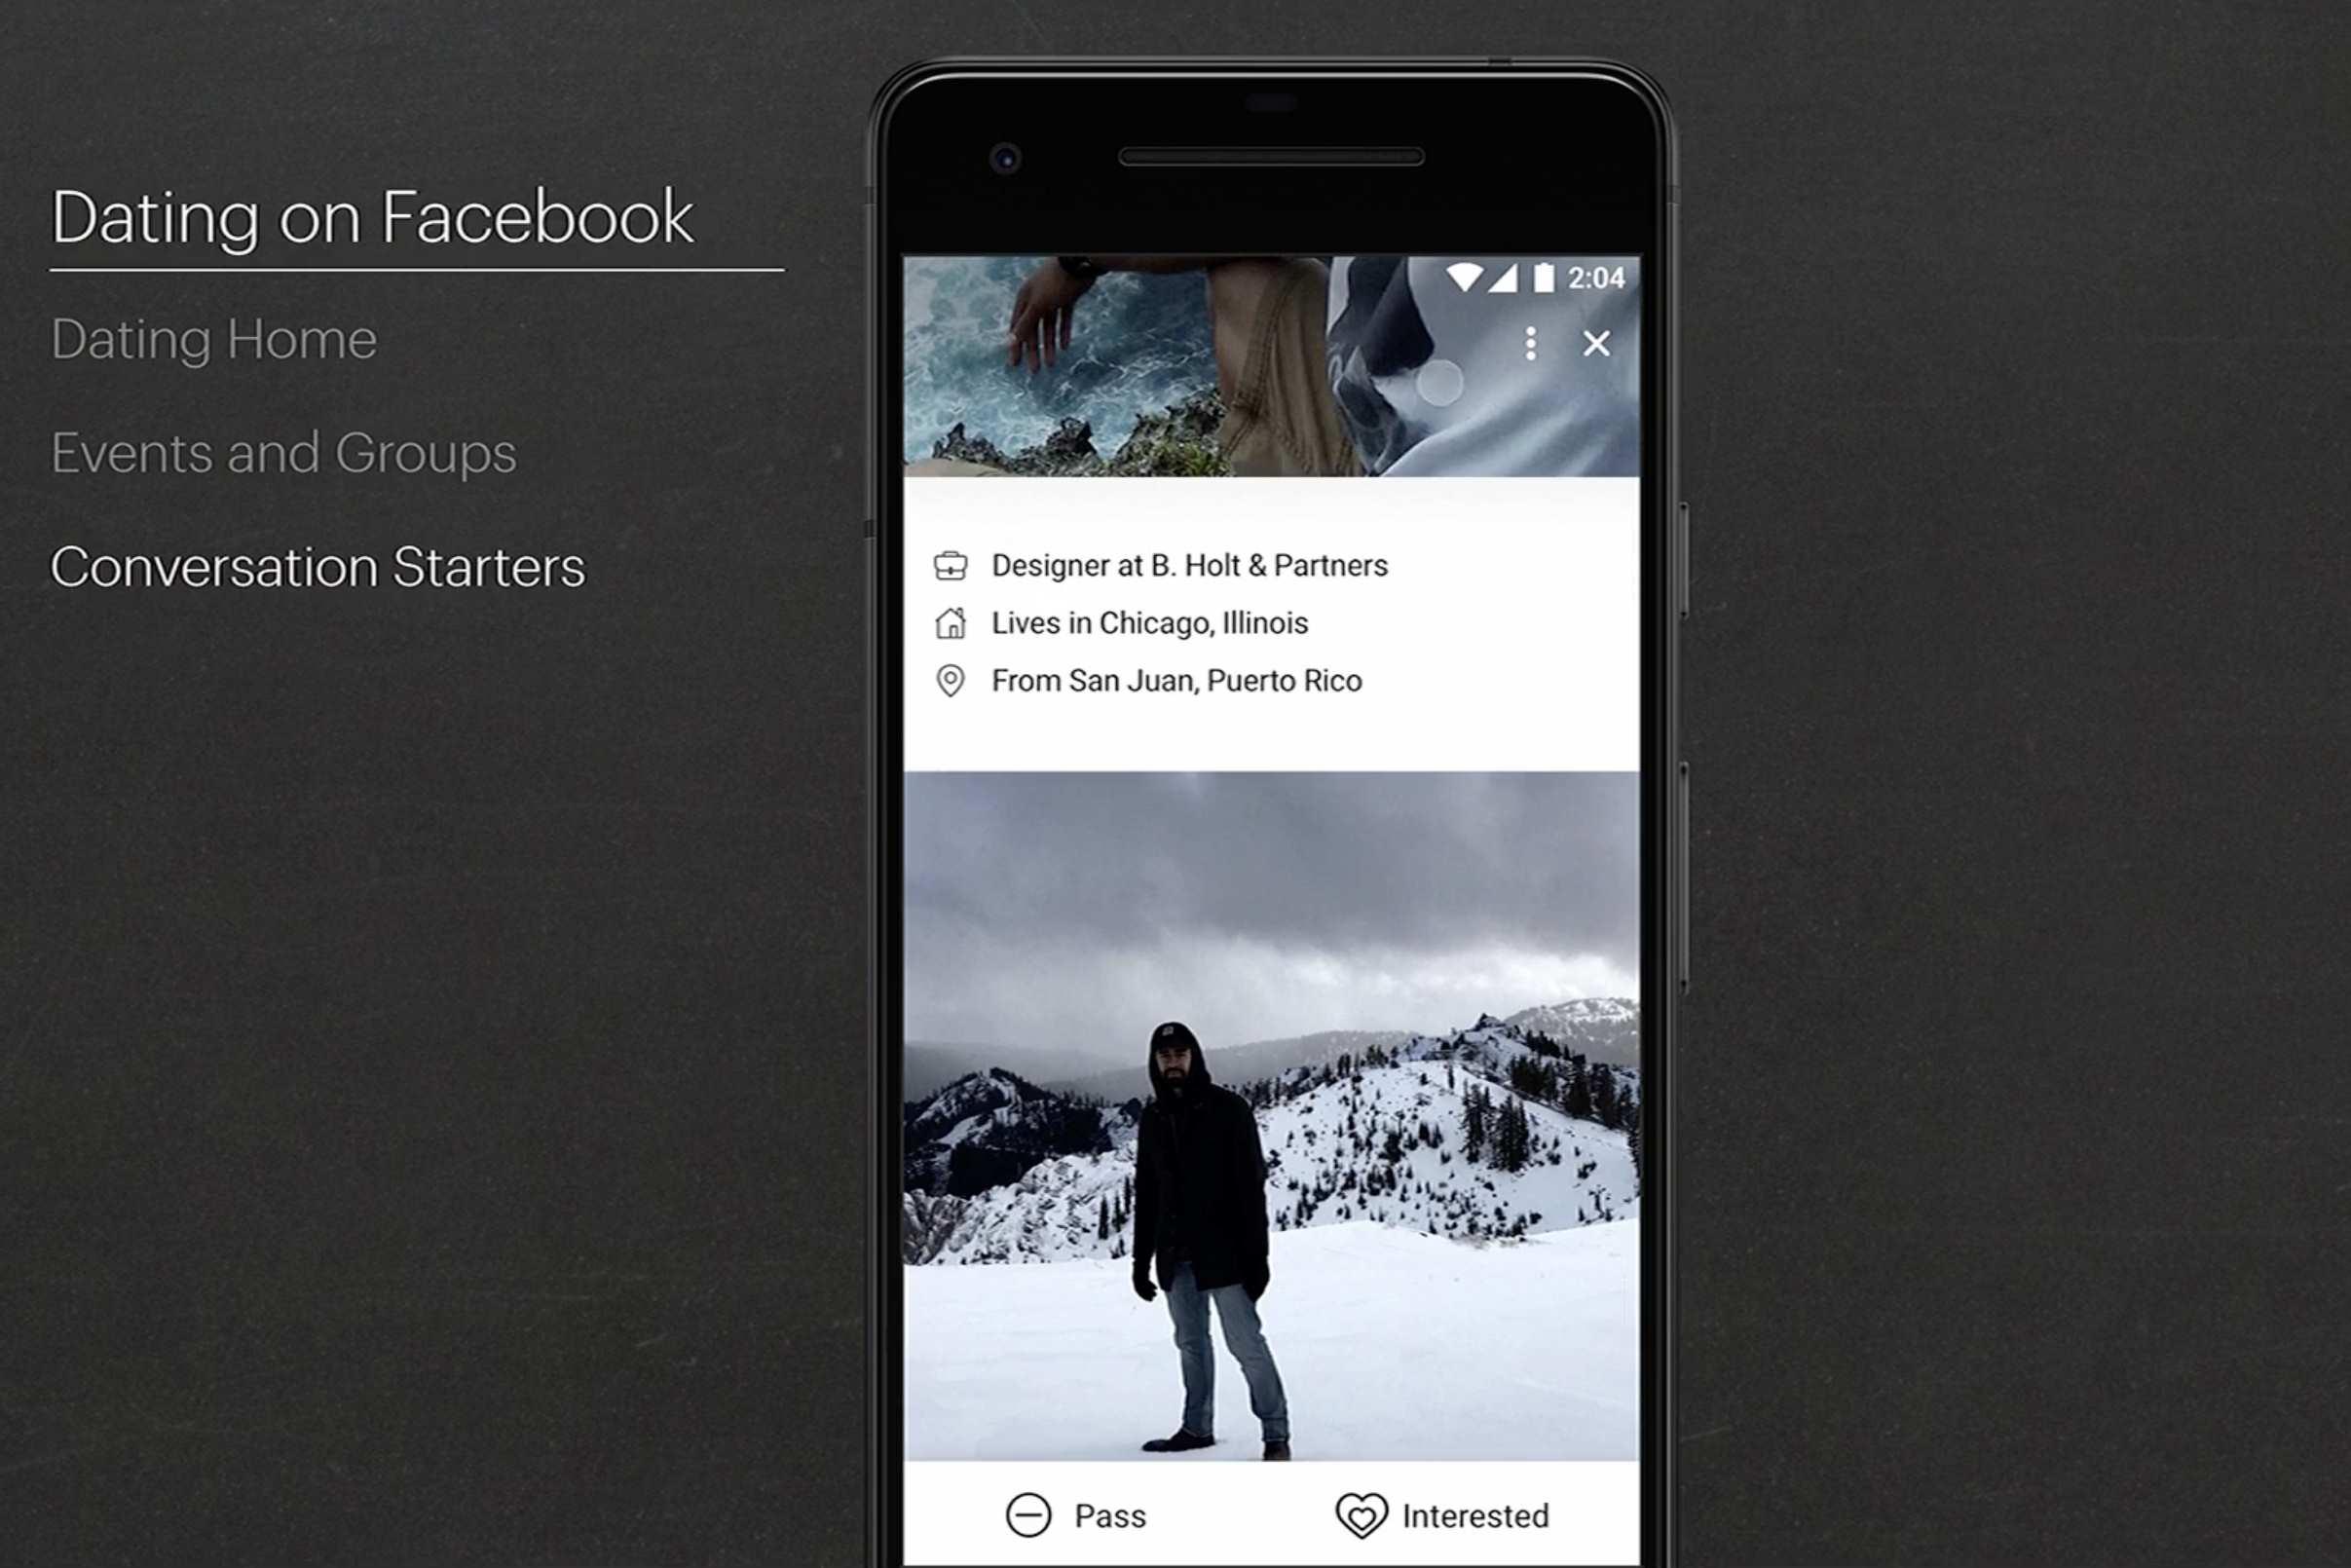 Facebook introducirá nuevas funcionalidades de aplicaciones para citas 1